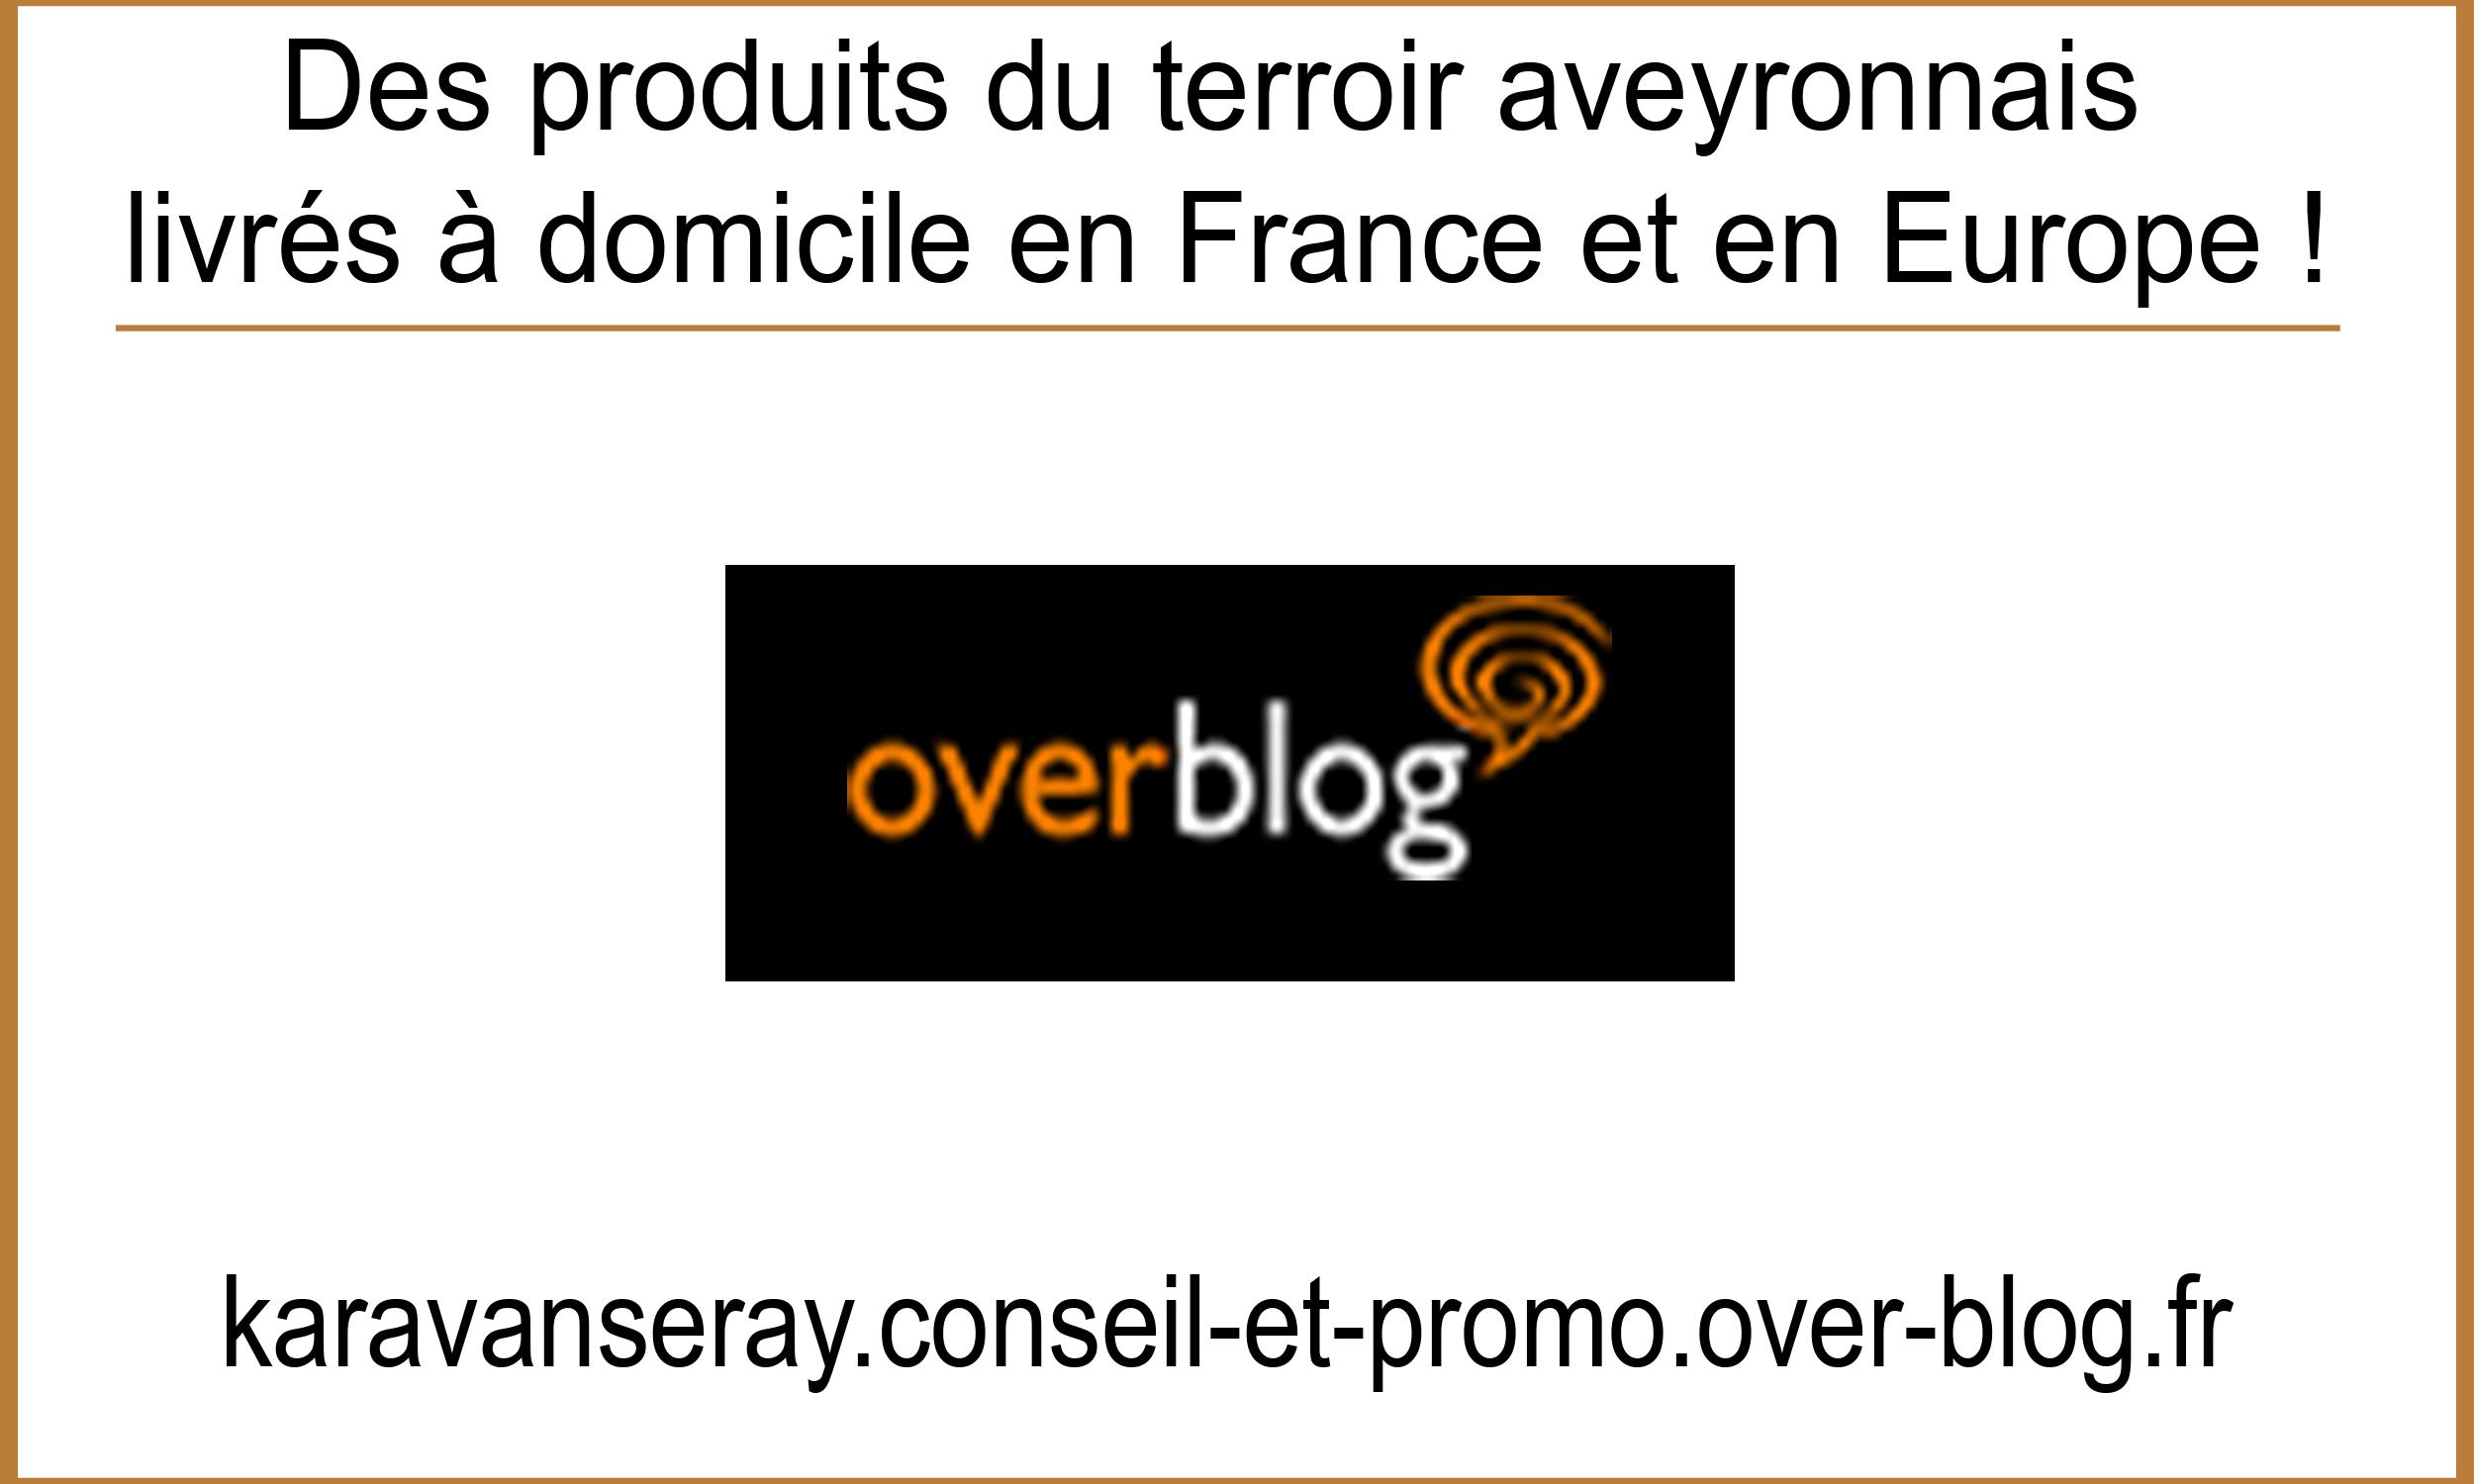 Artcile Overblog